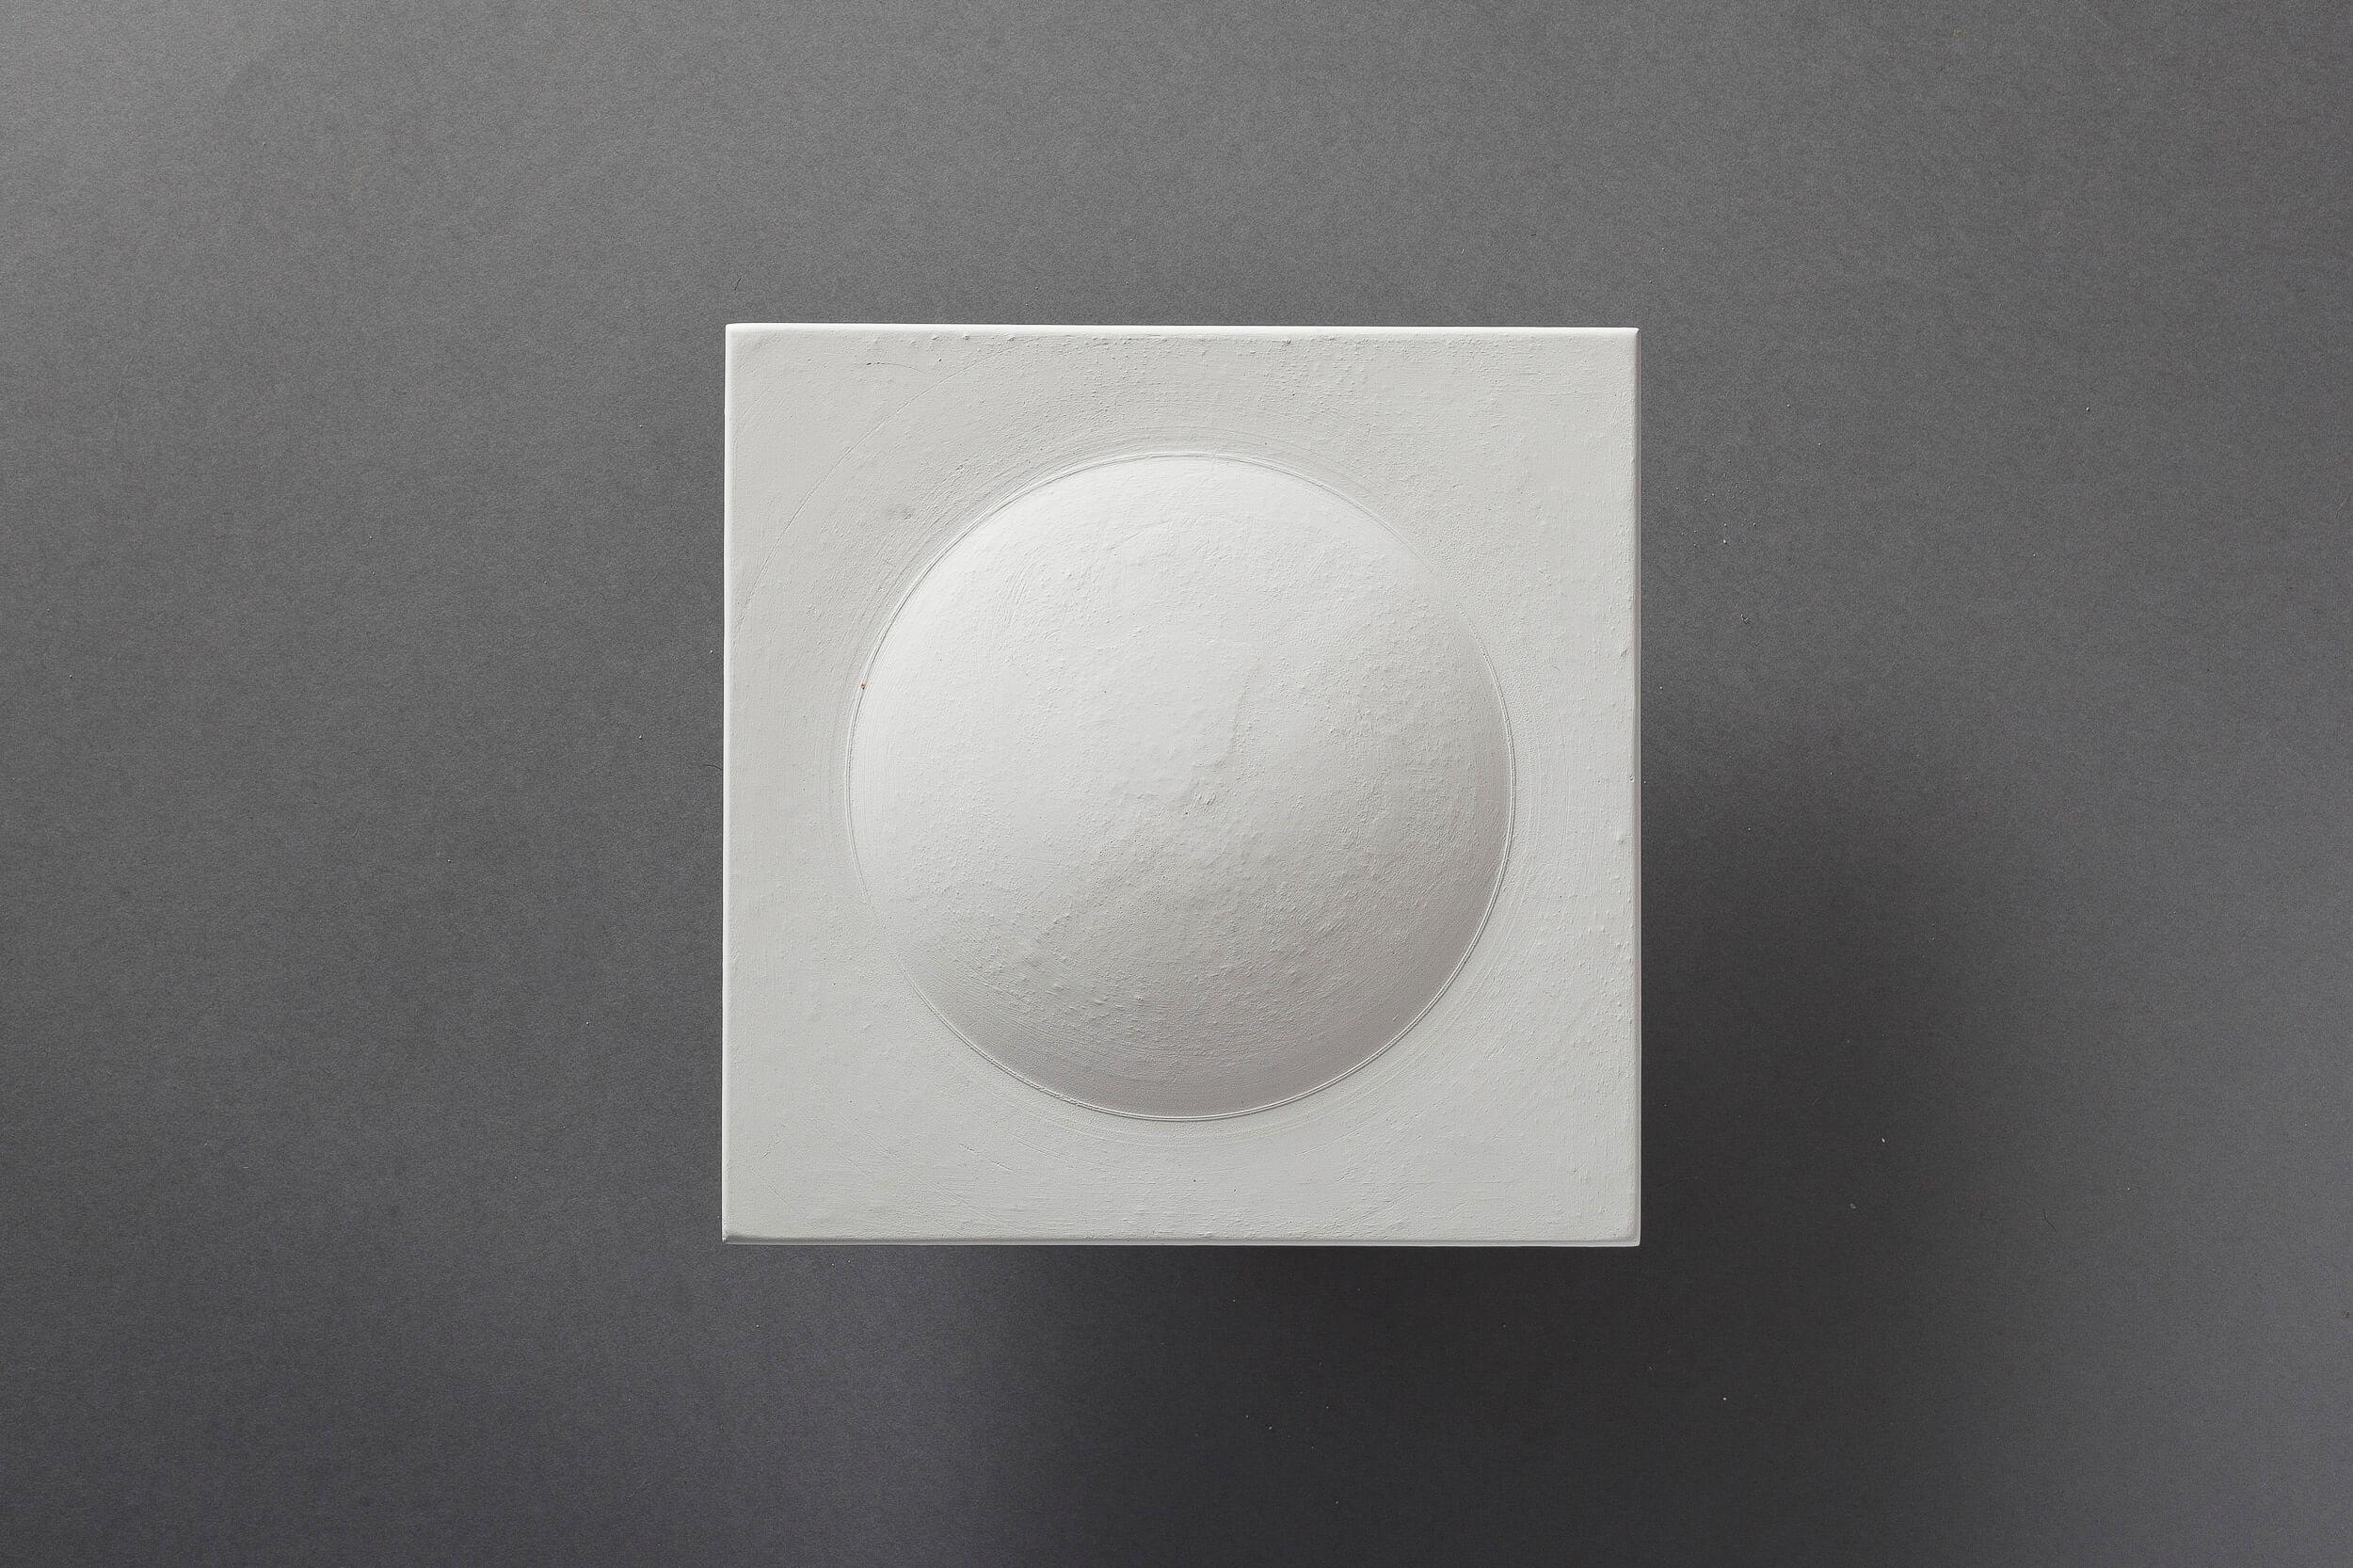 Plaster_studio_tile_06_plaster